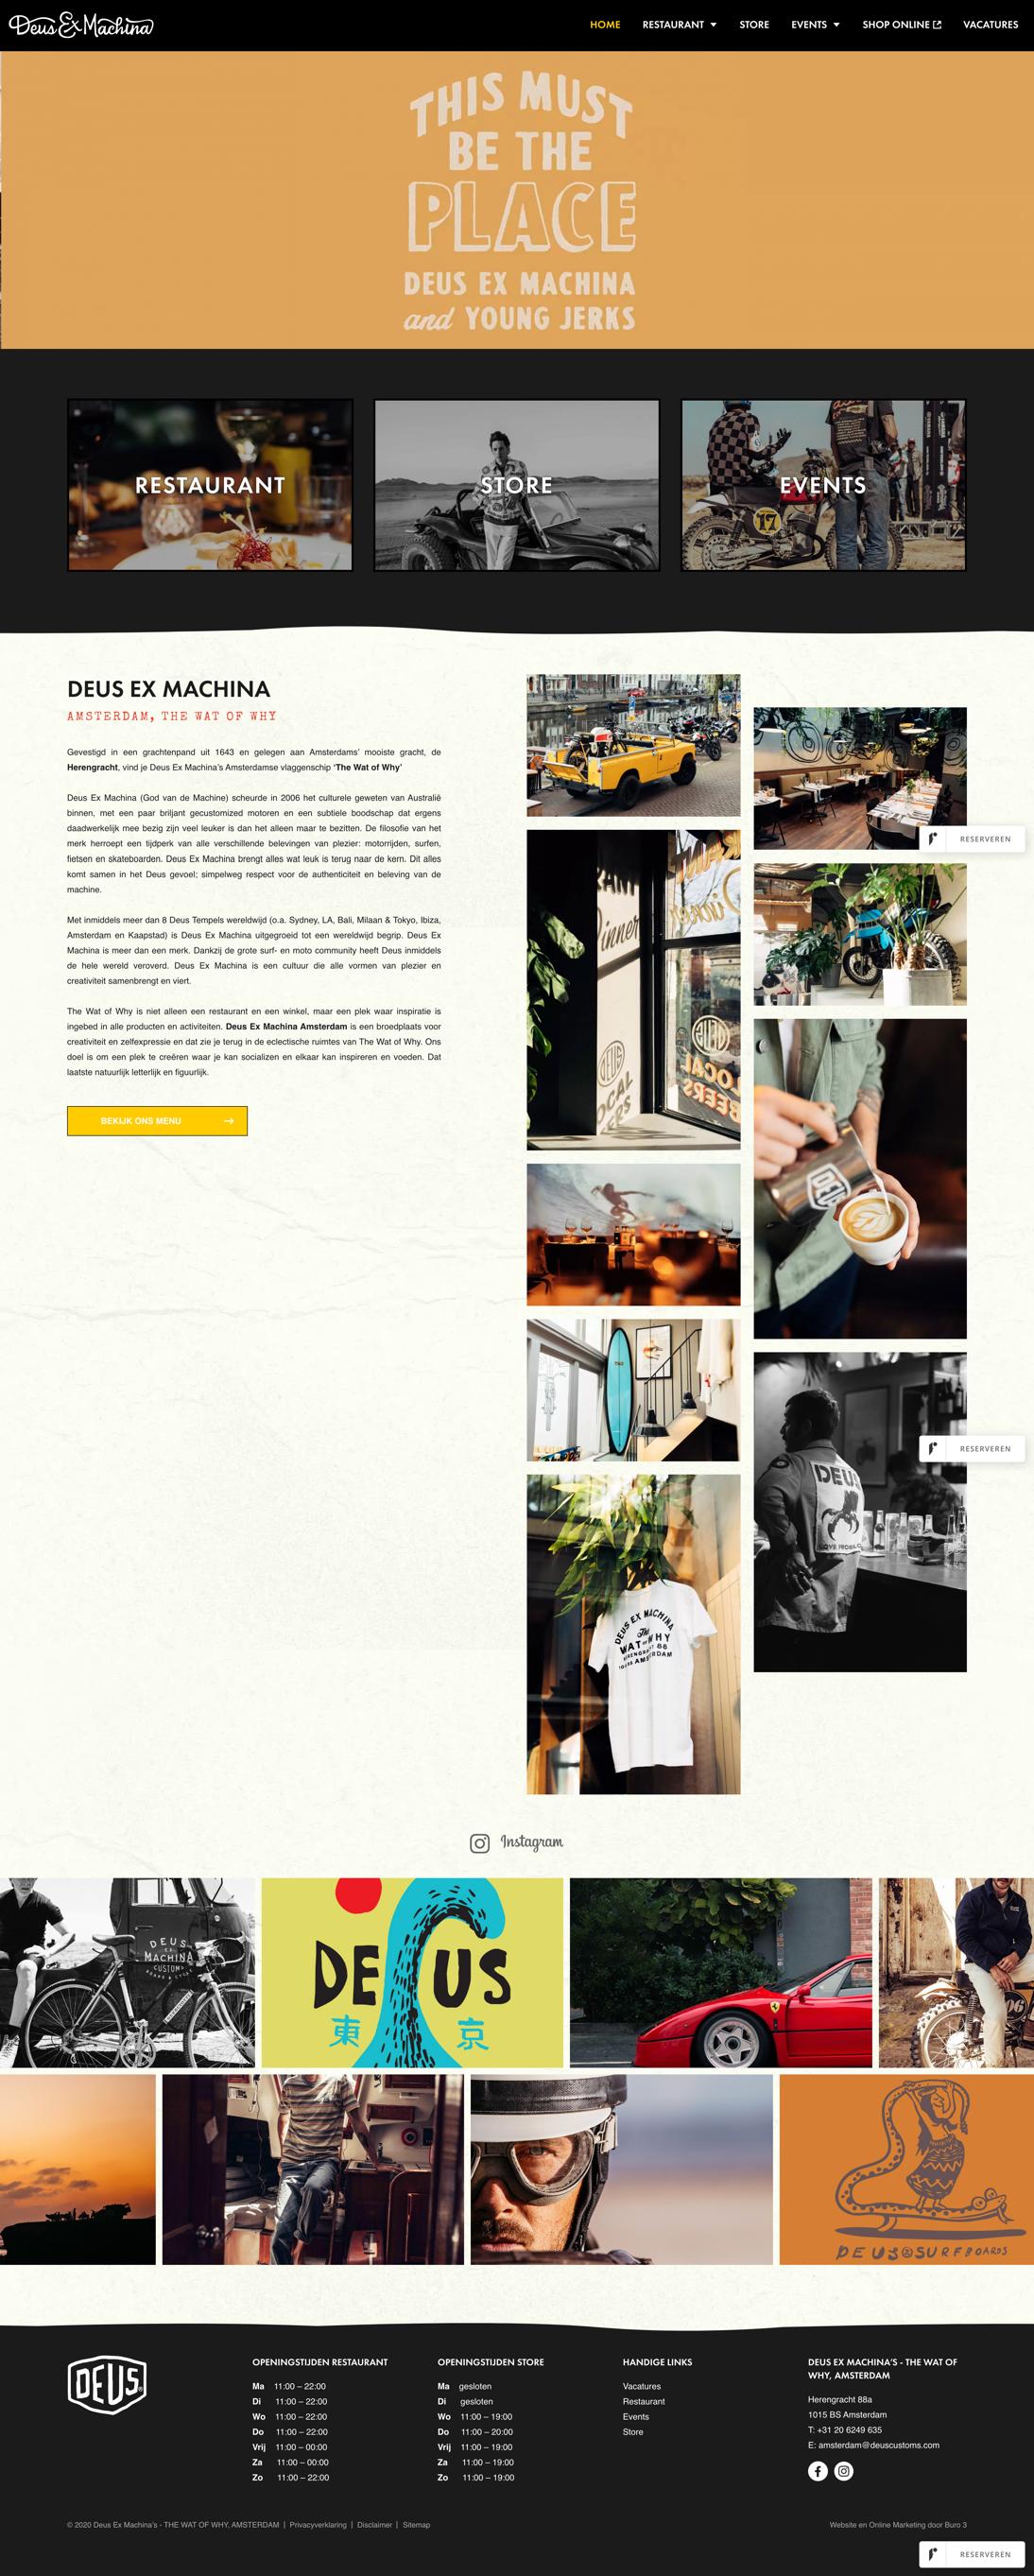 Webdesign Deus Ex Machina